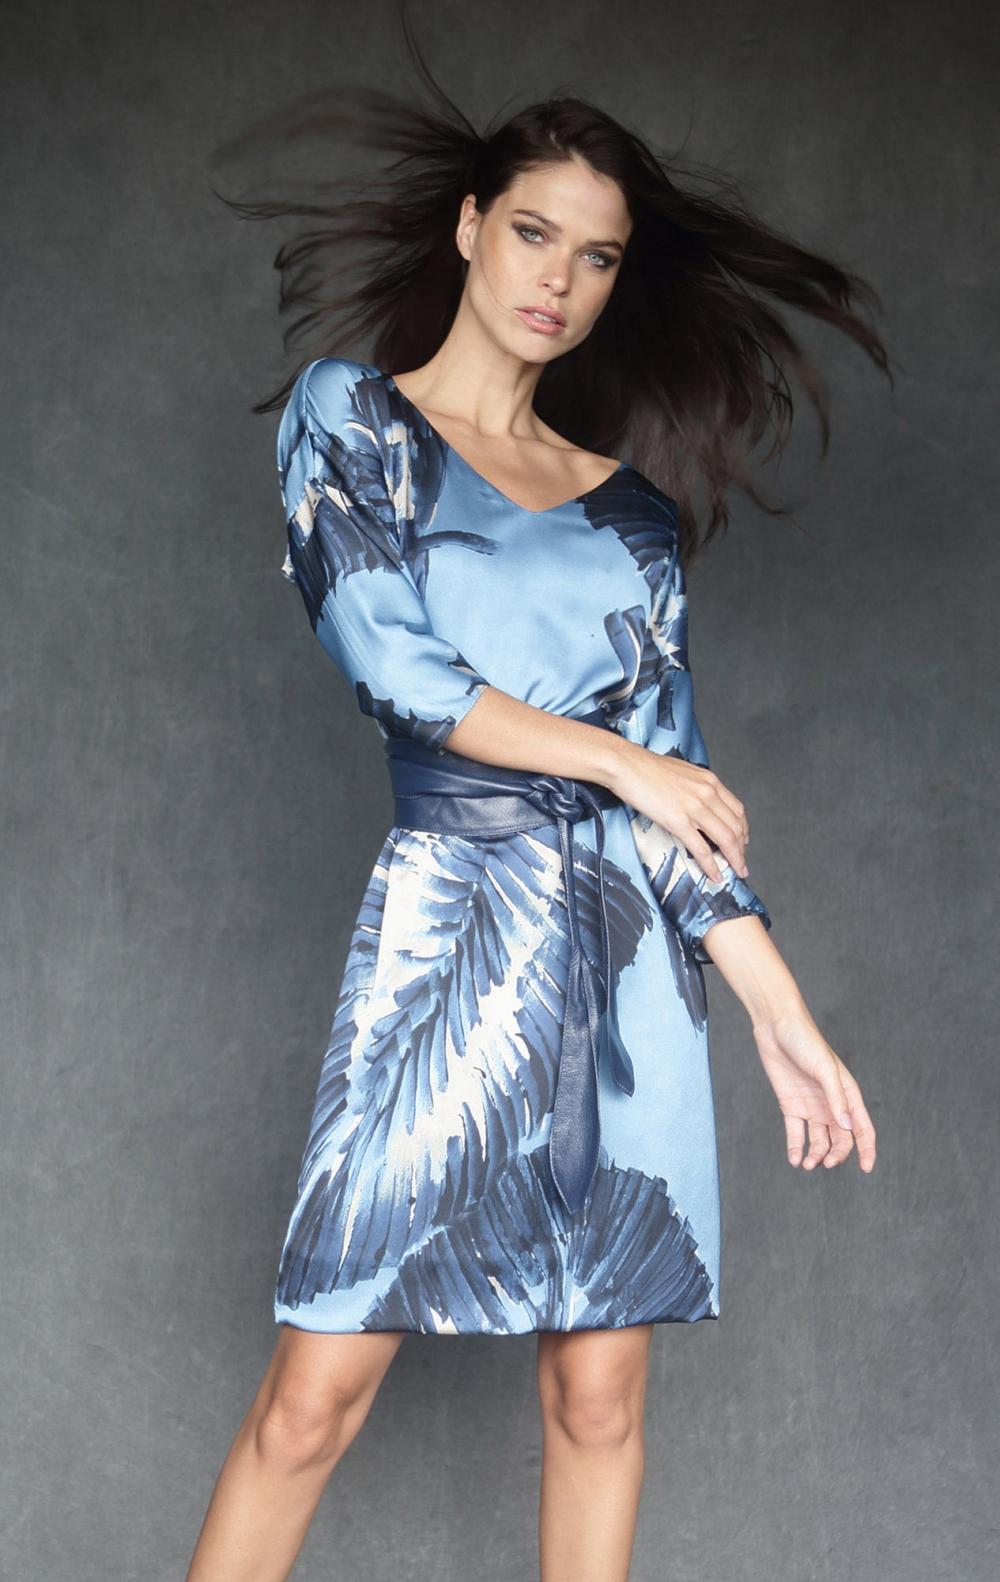 Vestido Estampado Azul  - Foto 1